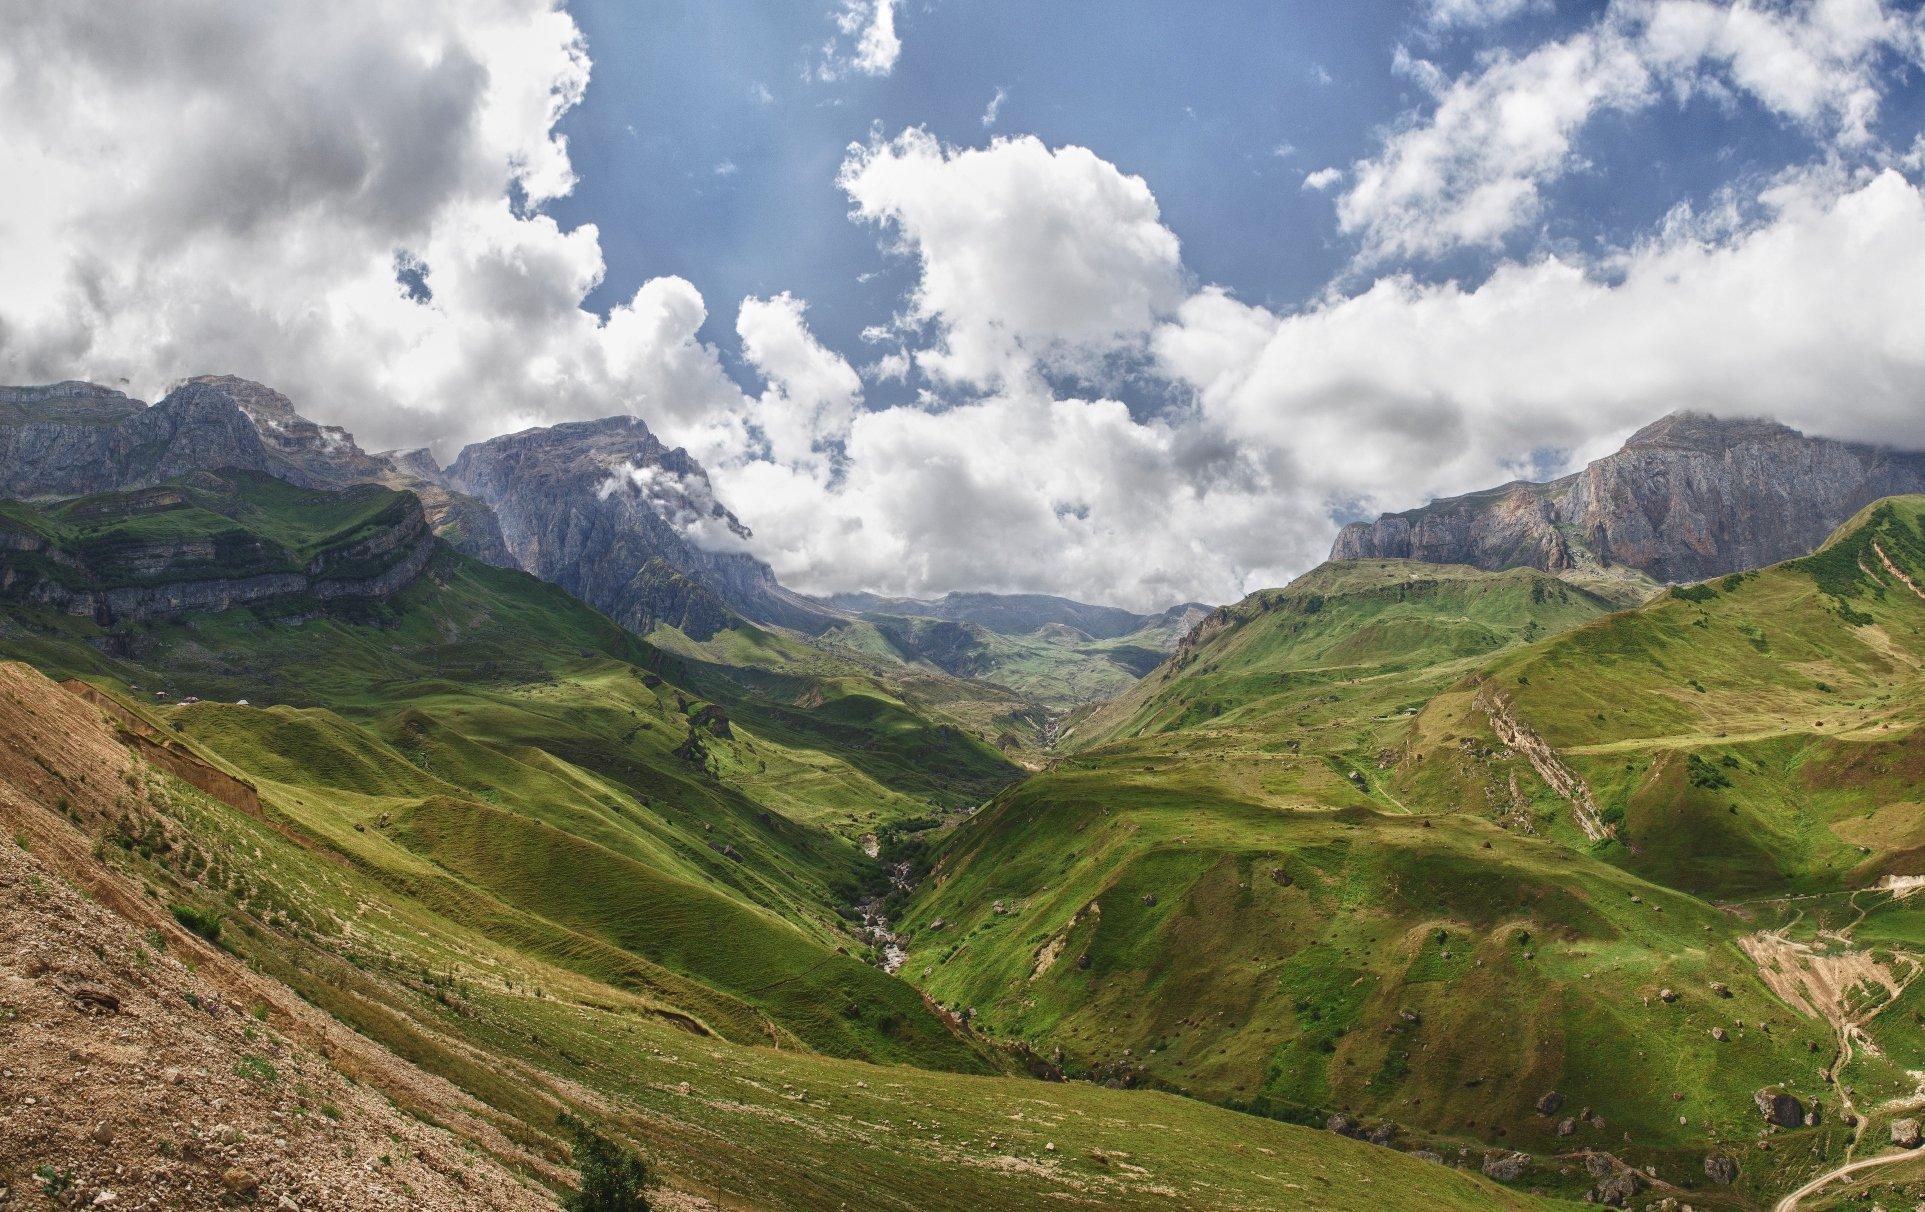 Горы хуеры чечня дагестан, скрытой камерой с фаллосом